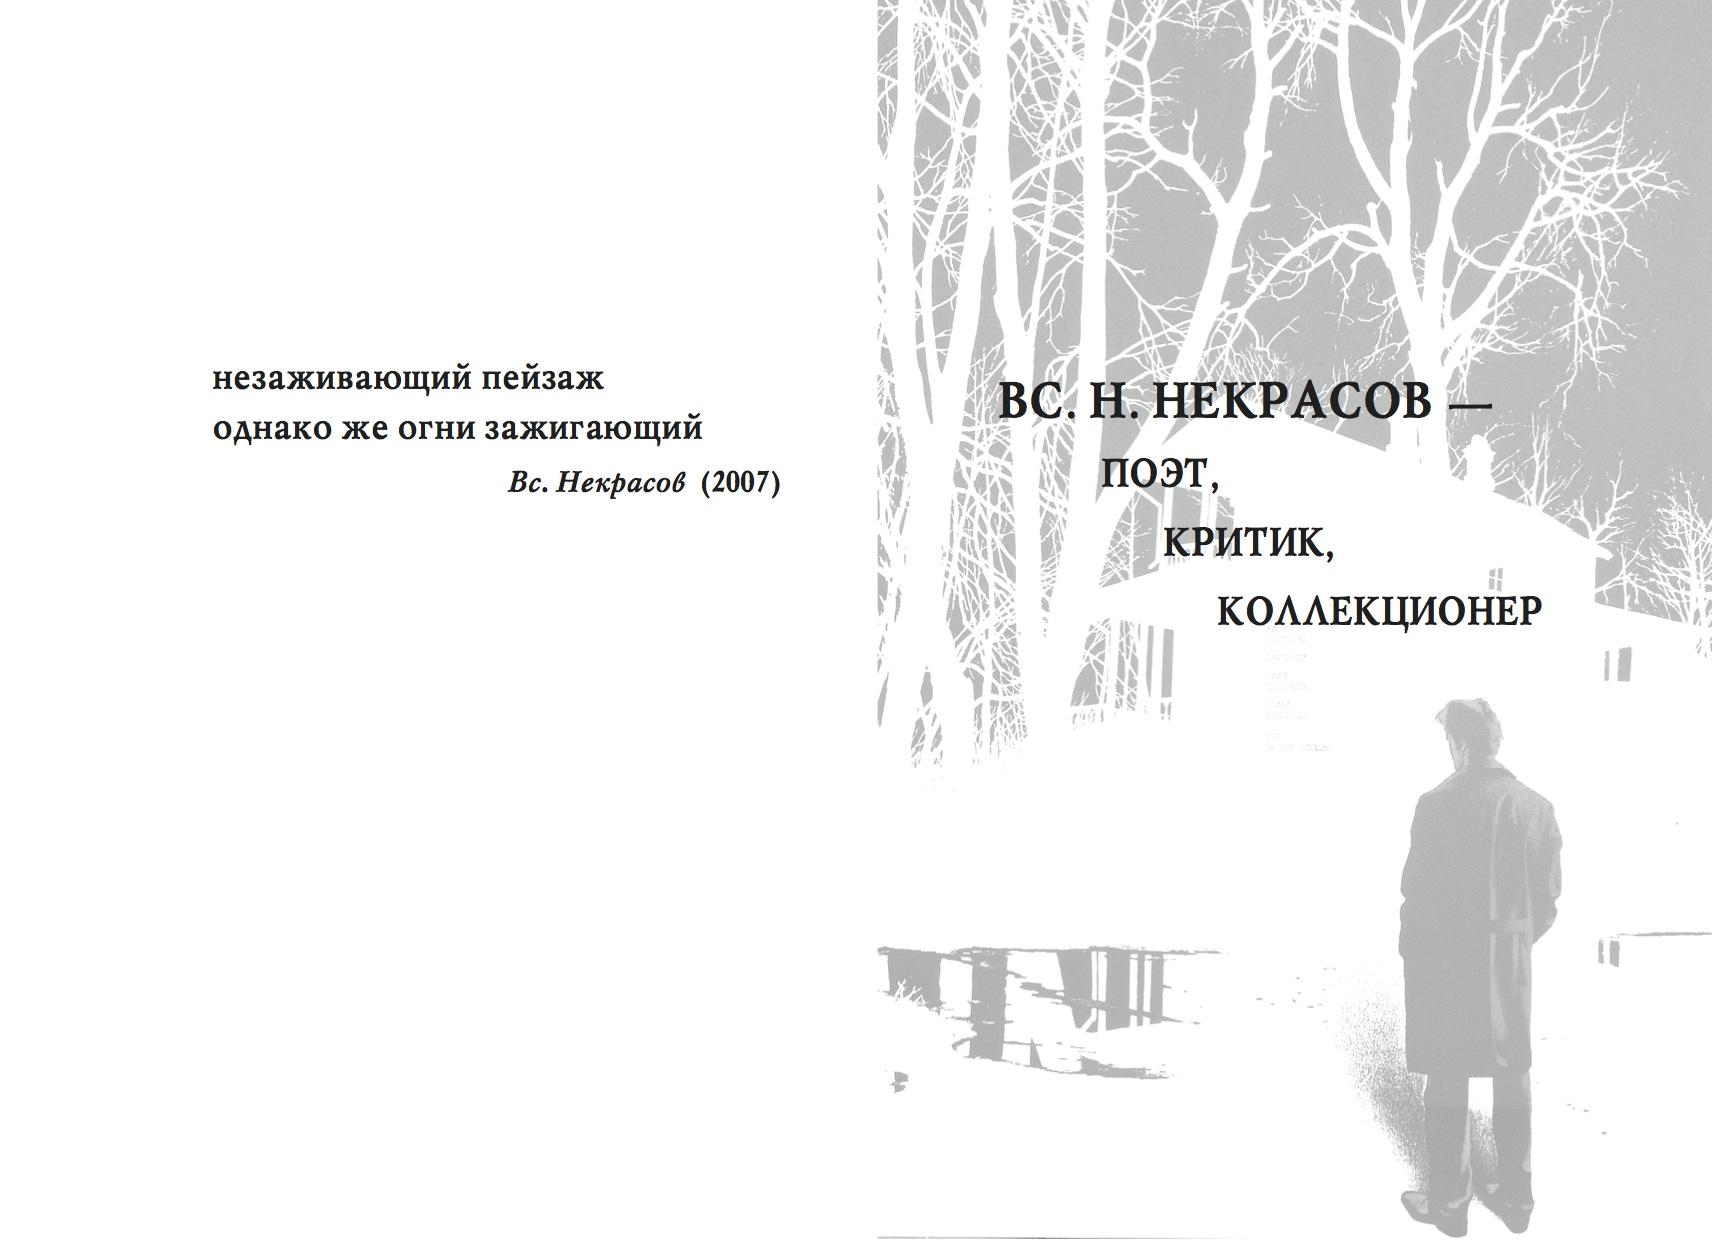 Вс. Н. Некрасов - поэт, критик, коллекционер